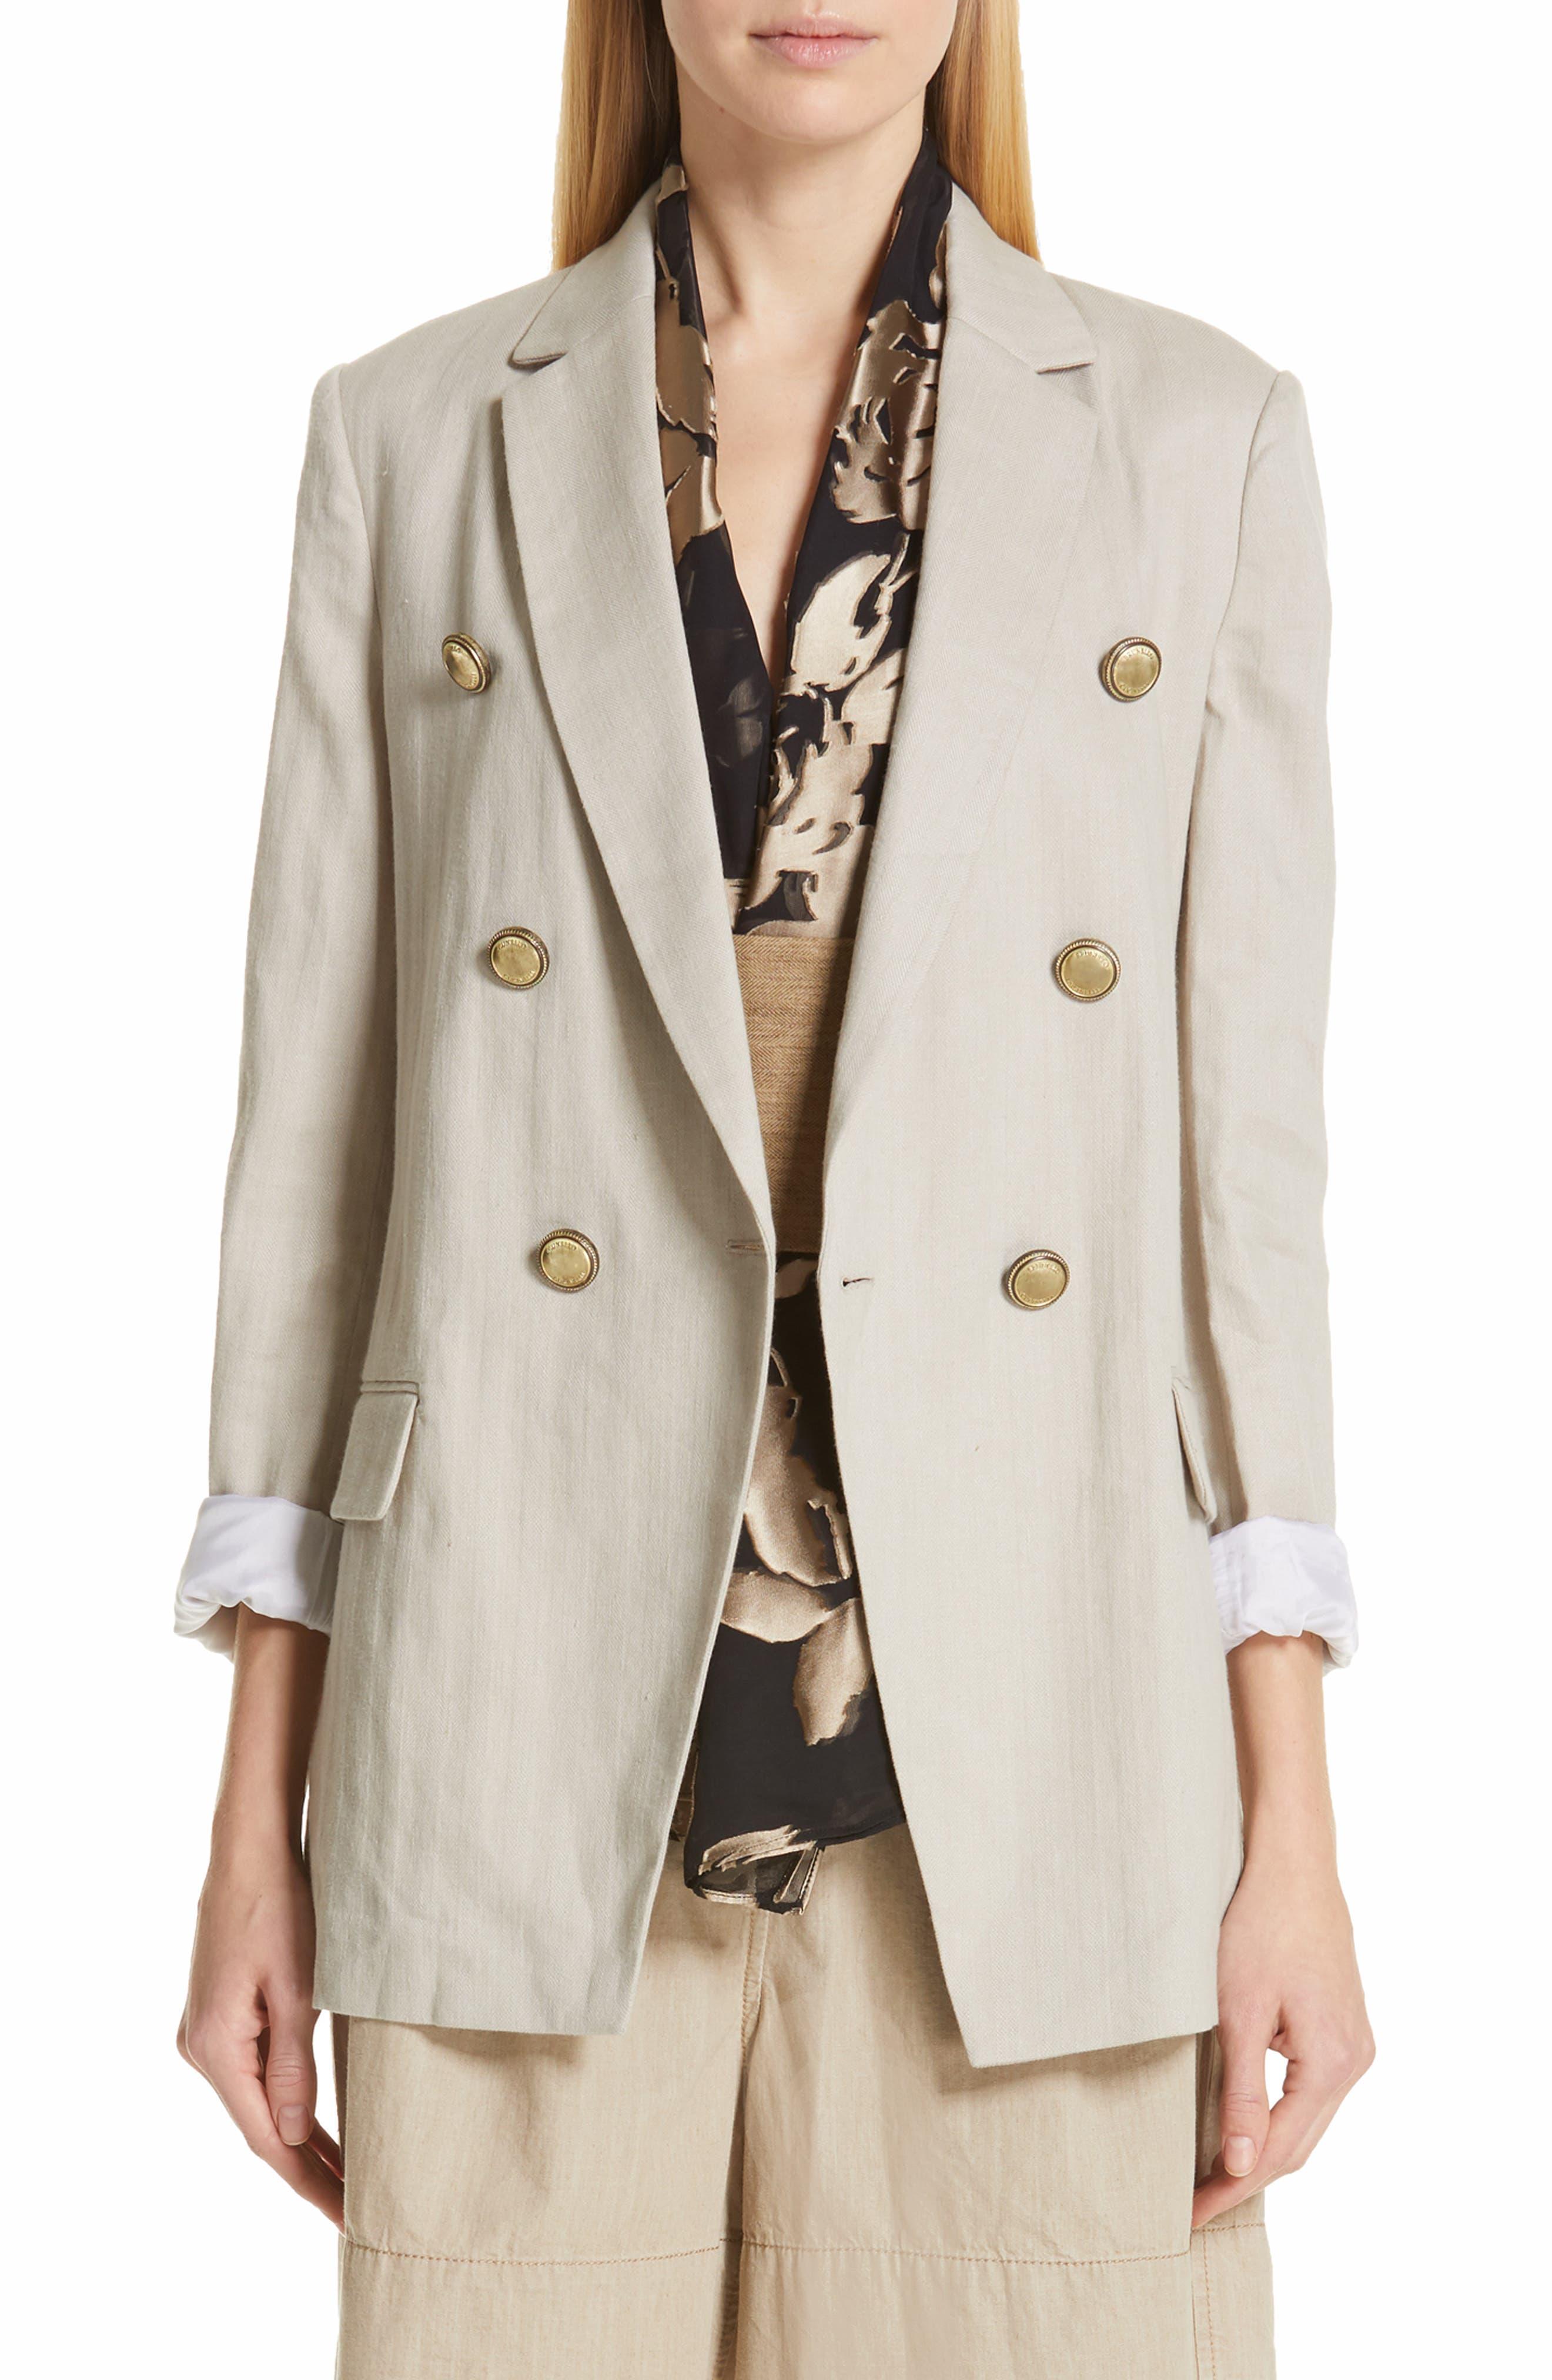 Chevron Weave Cotton & Linen Jacket, Main, color, DESERT